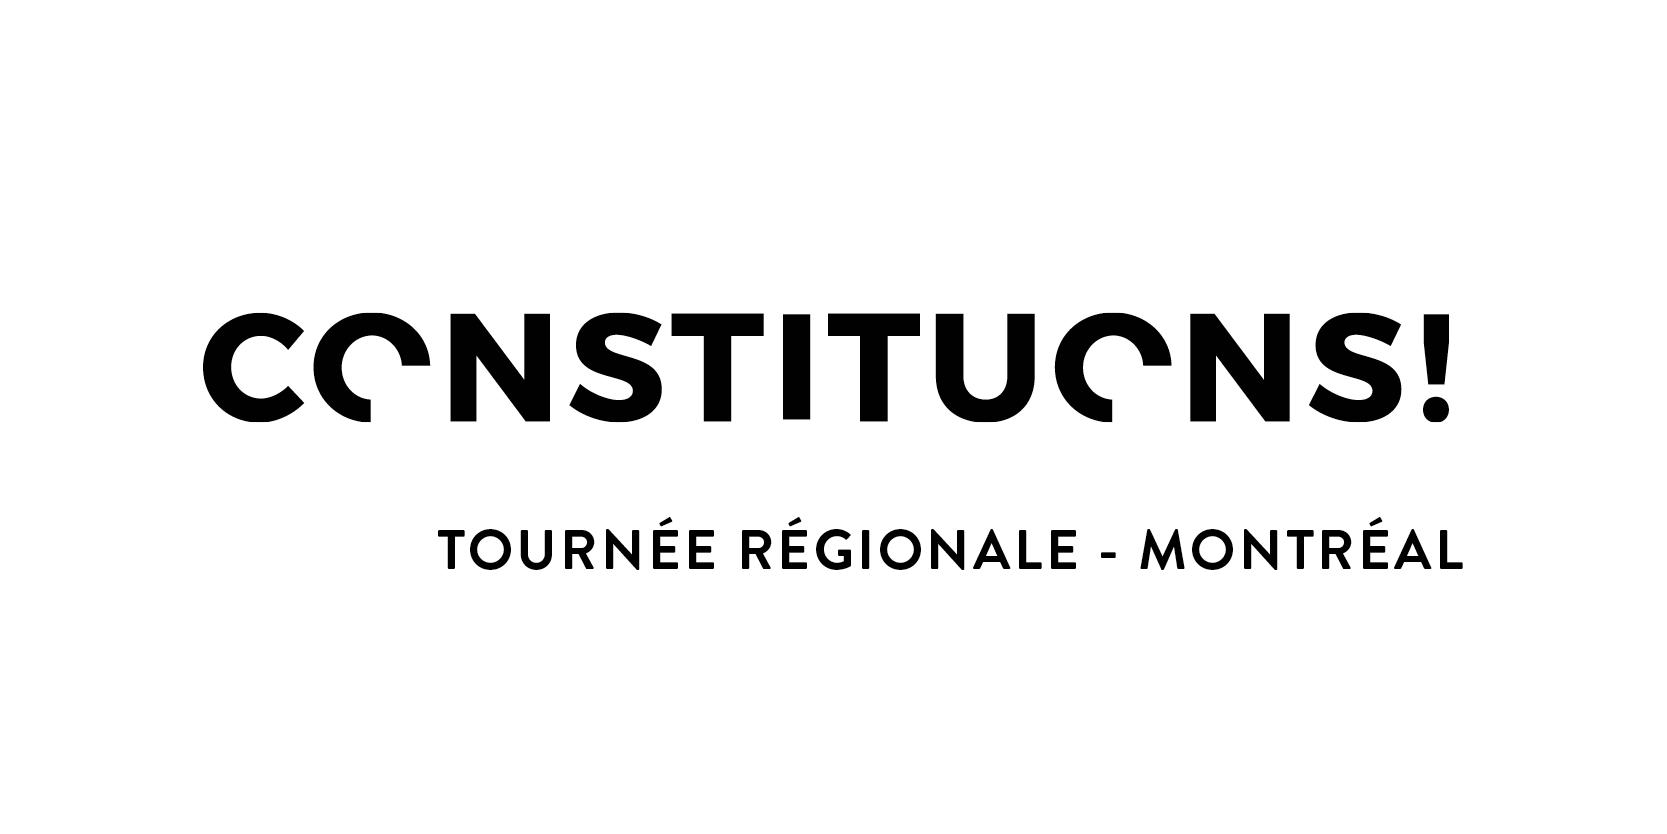 Tournée CONSTITUONS! - Montréal